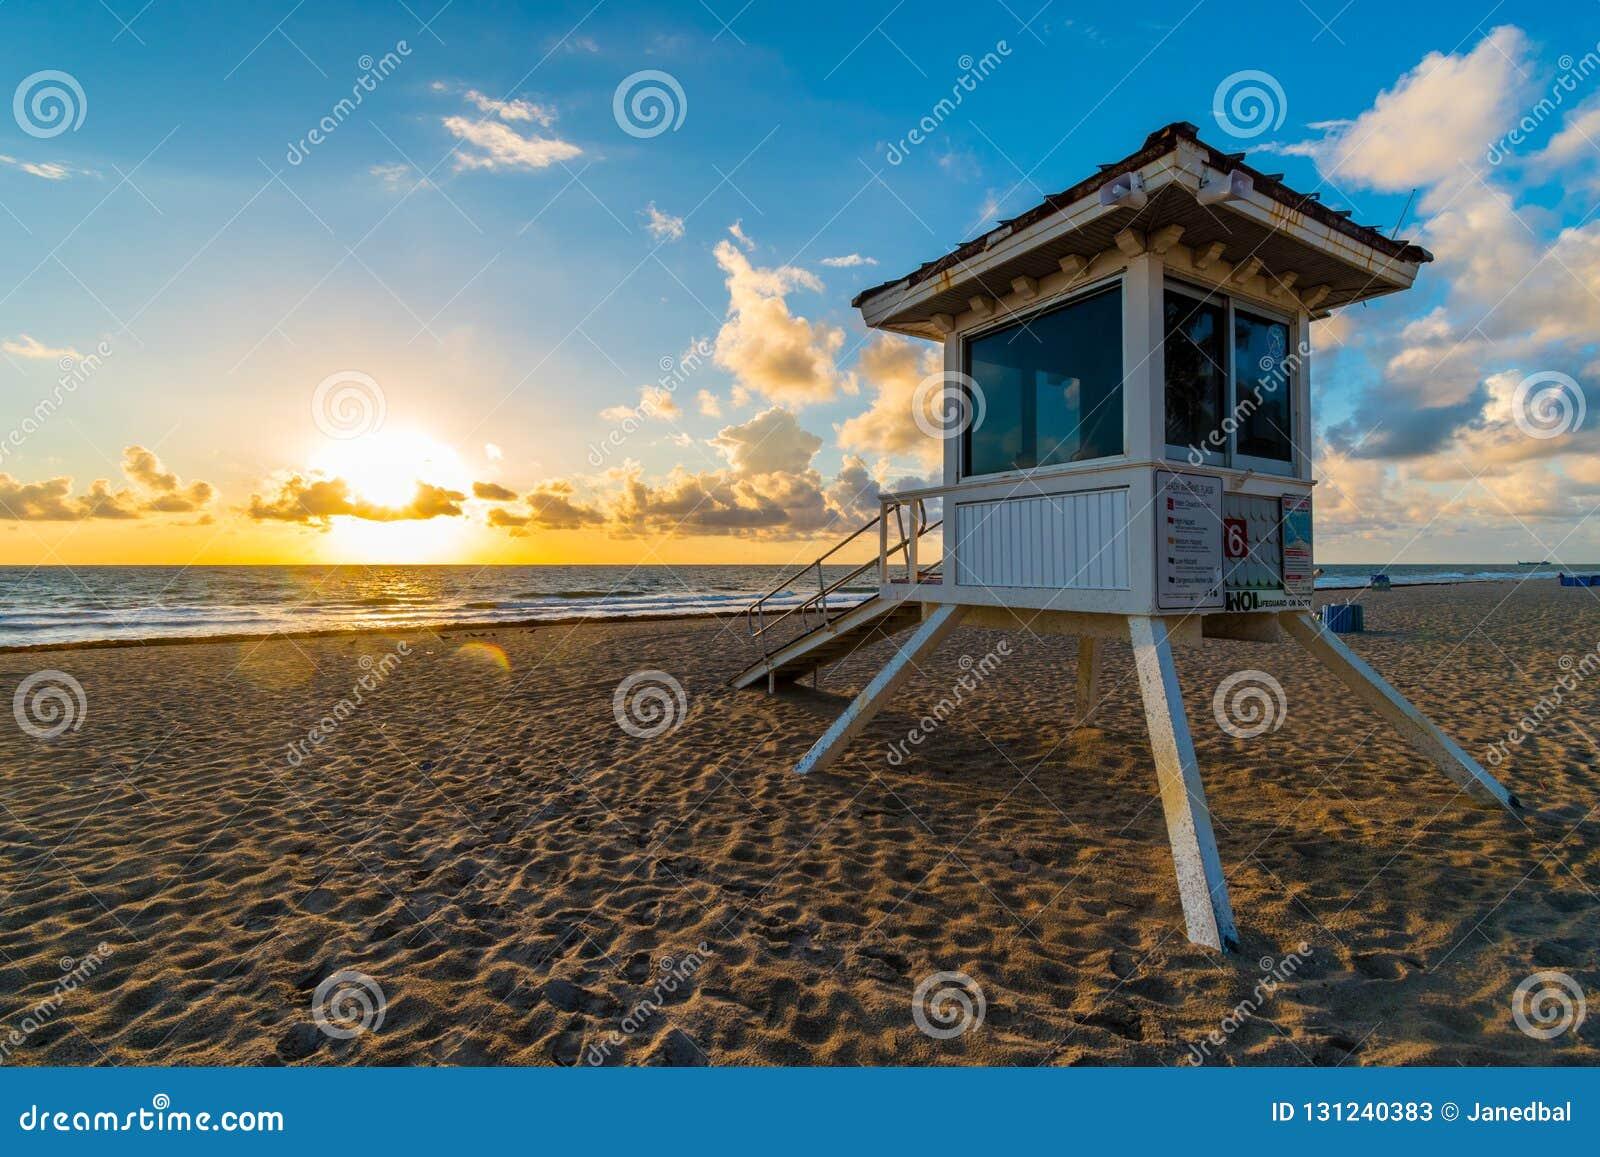 Torre de guardia de vida en Miami Beach en salida del sol, la Florida, los Estados Unidos de América